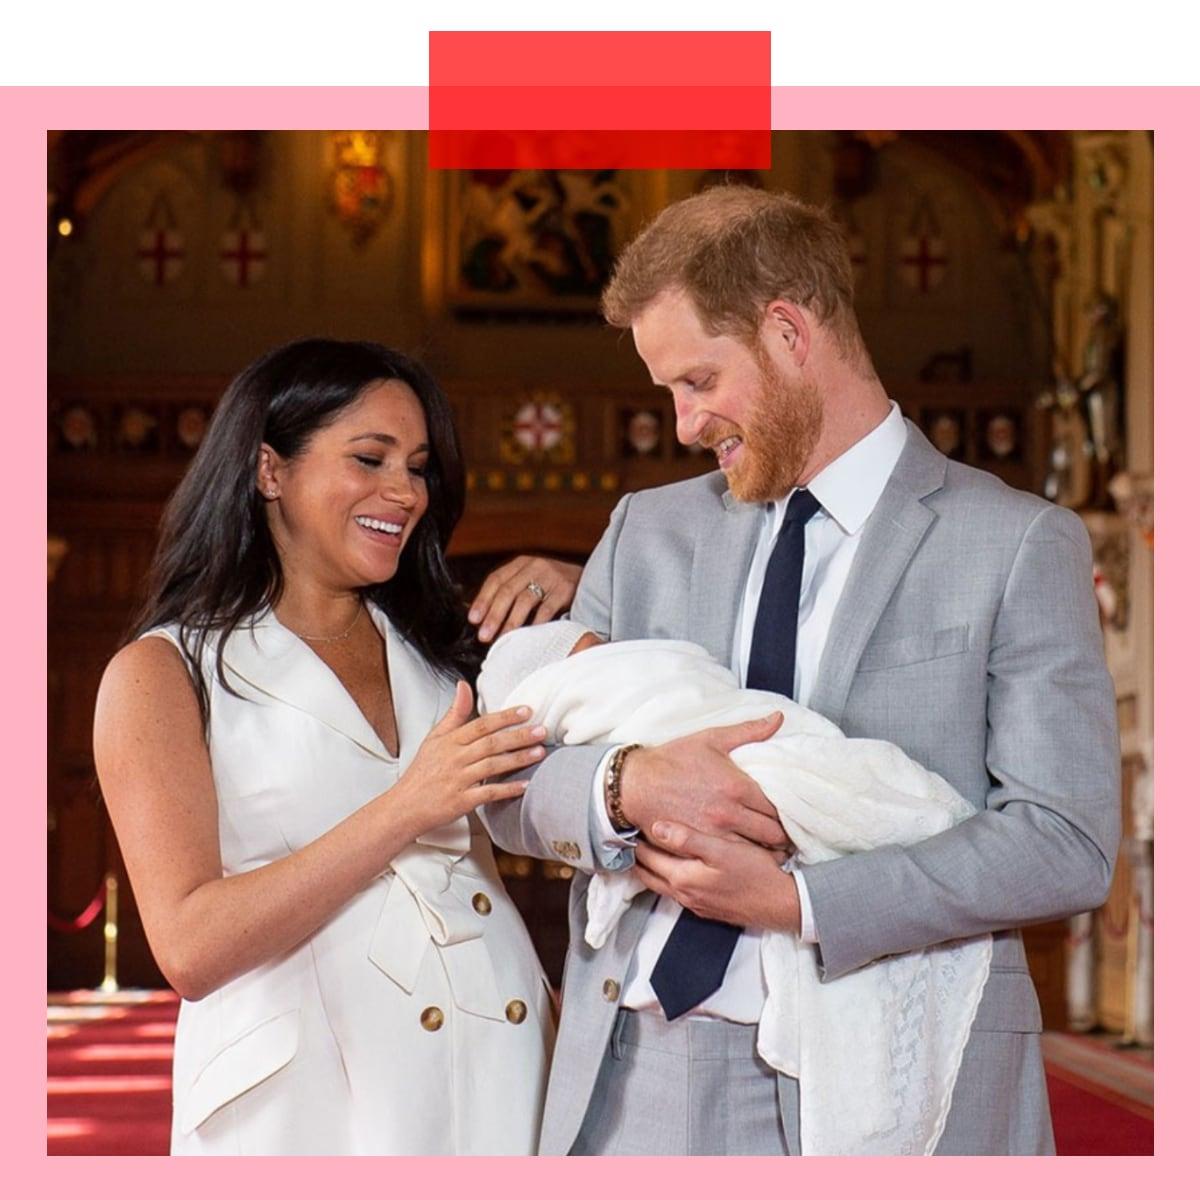 meghan markle zeigt after baby bauch und das ist gut so jane wayne news meghan markle zeigt after baby bauch